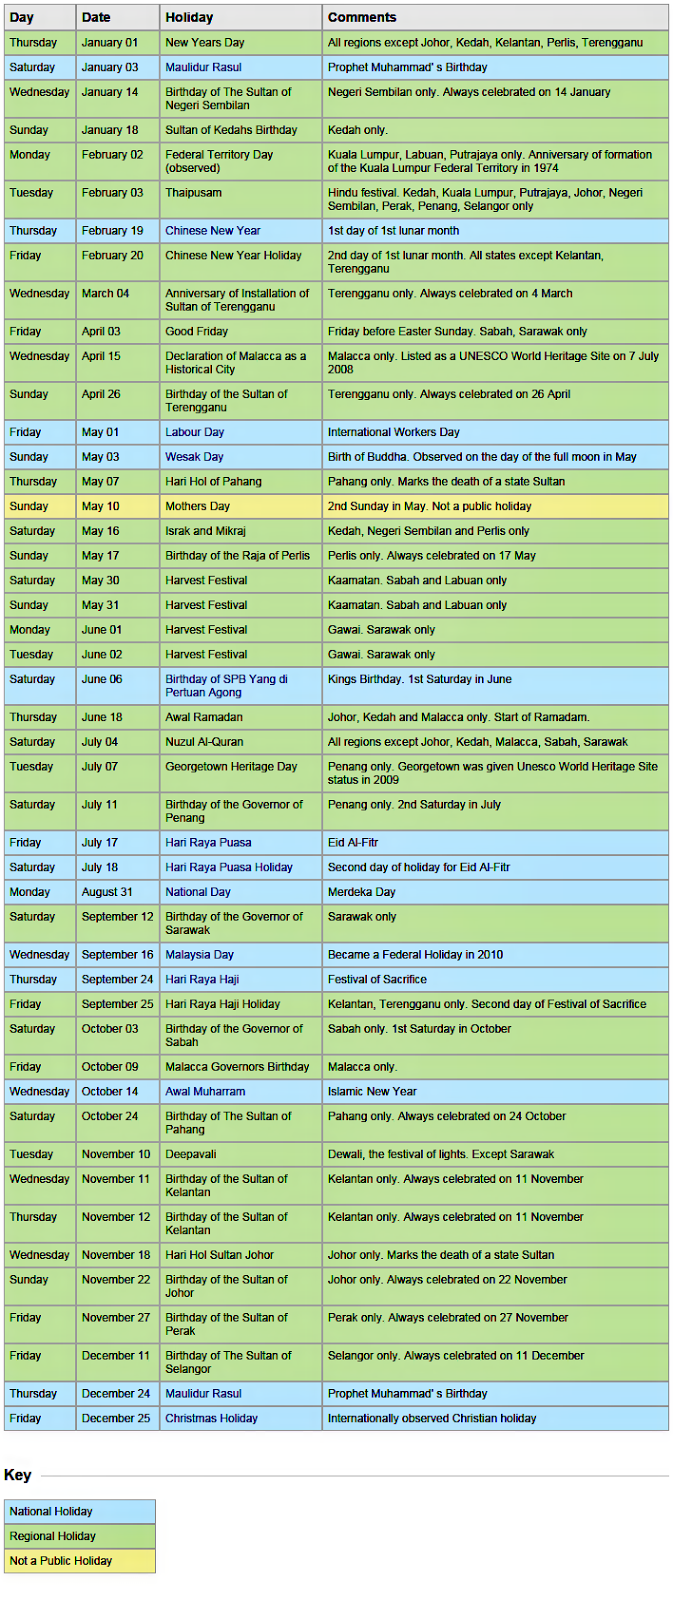 Jadual Gaji 2015 Kakitangan Awam 2015 dan Jadual Cuti Umum ...